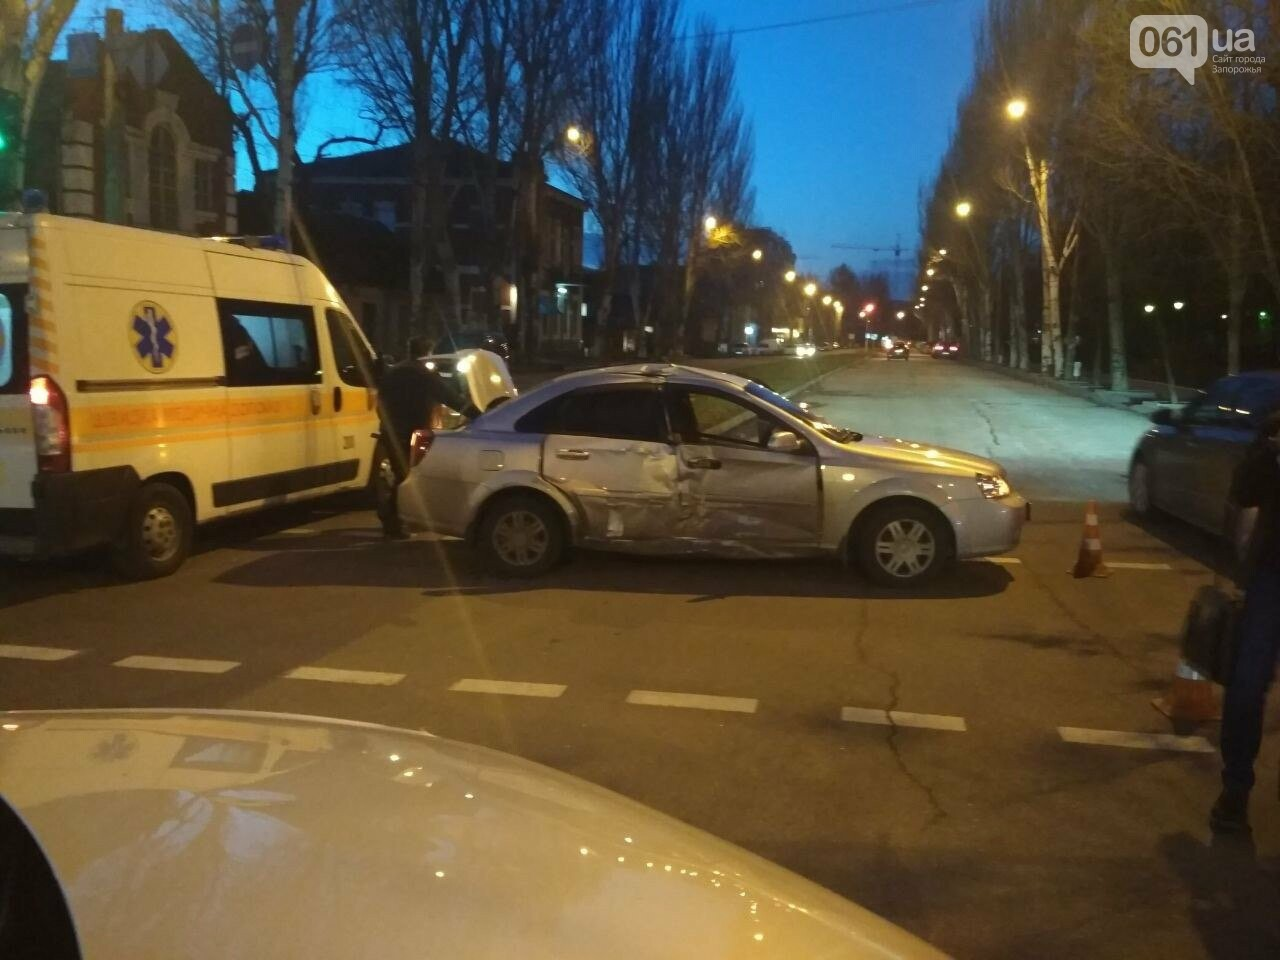 В Запорожье столкнулись два автомобиля, один человек пострадал, - ФОТО, фото-2